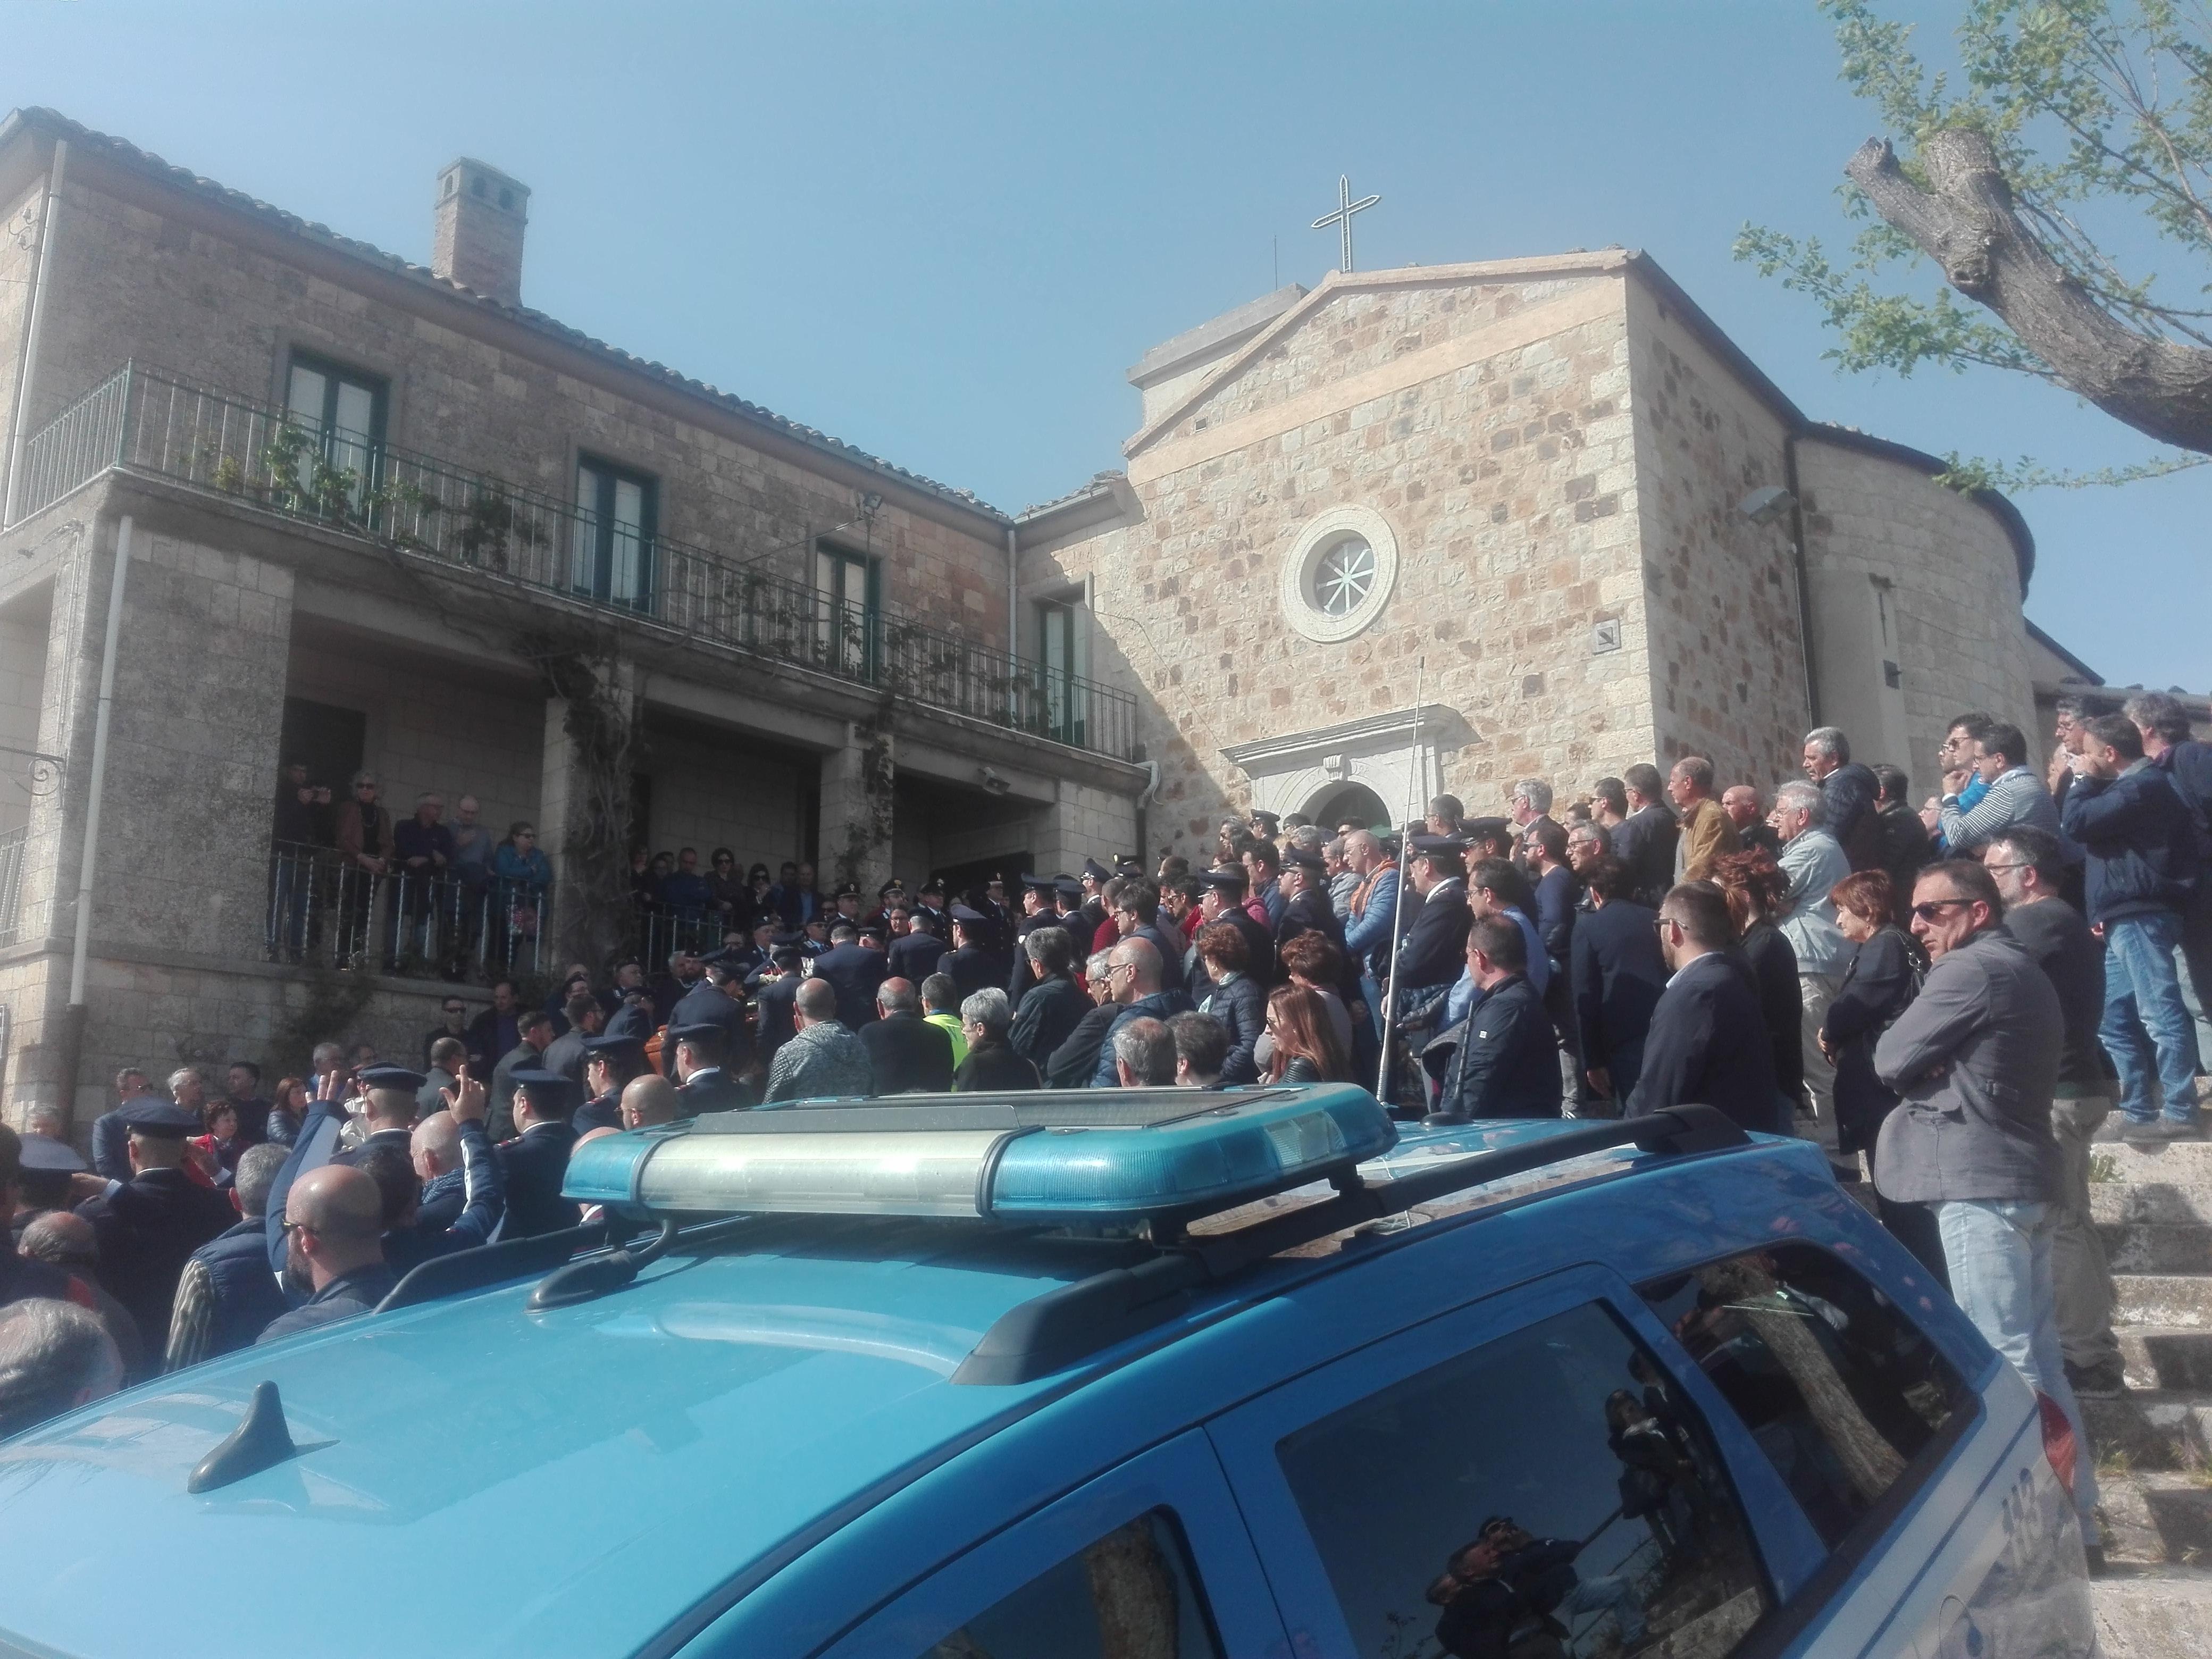 Risultati immagini per Daniele Macaluso polizia